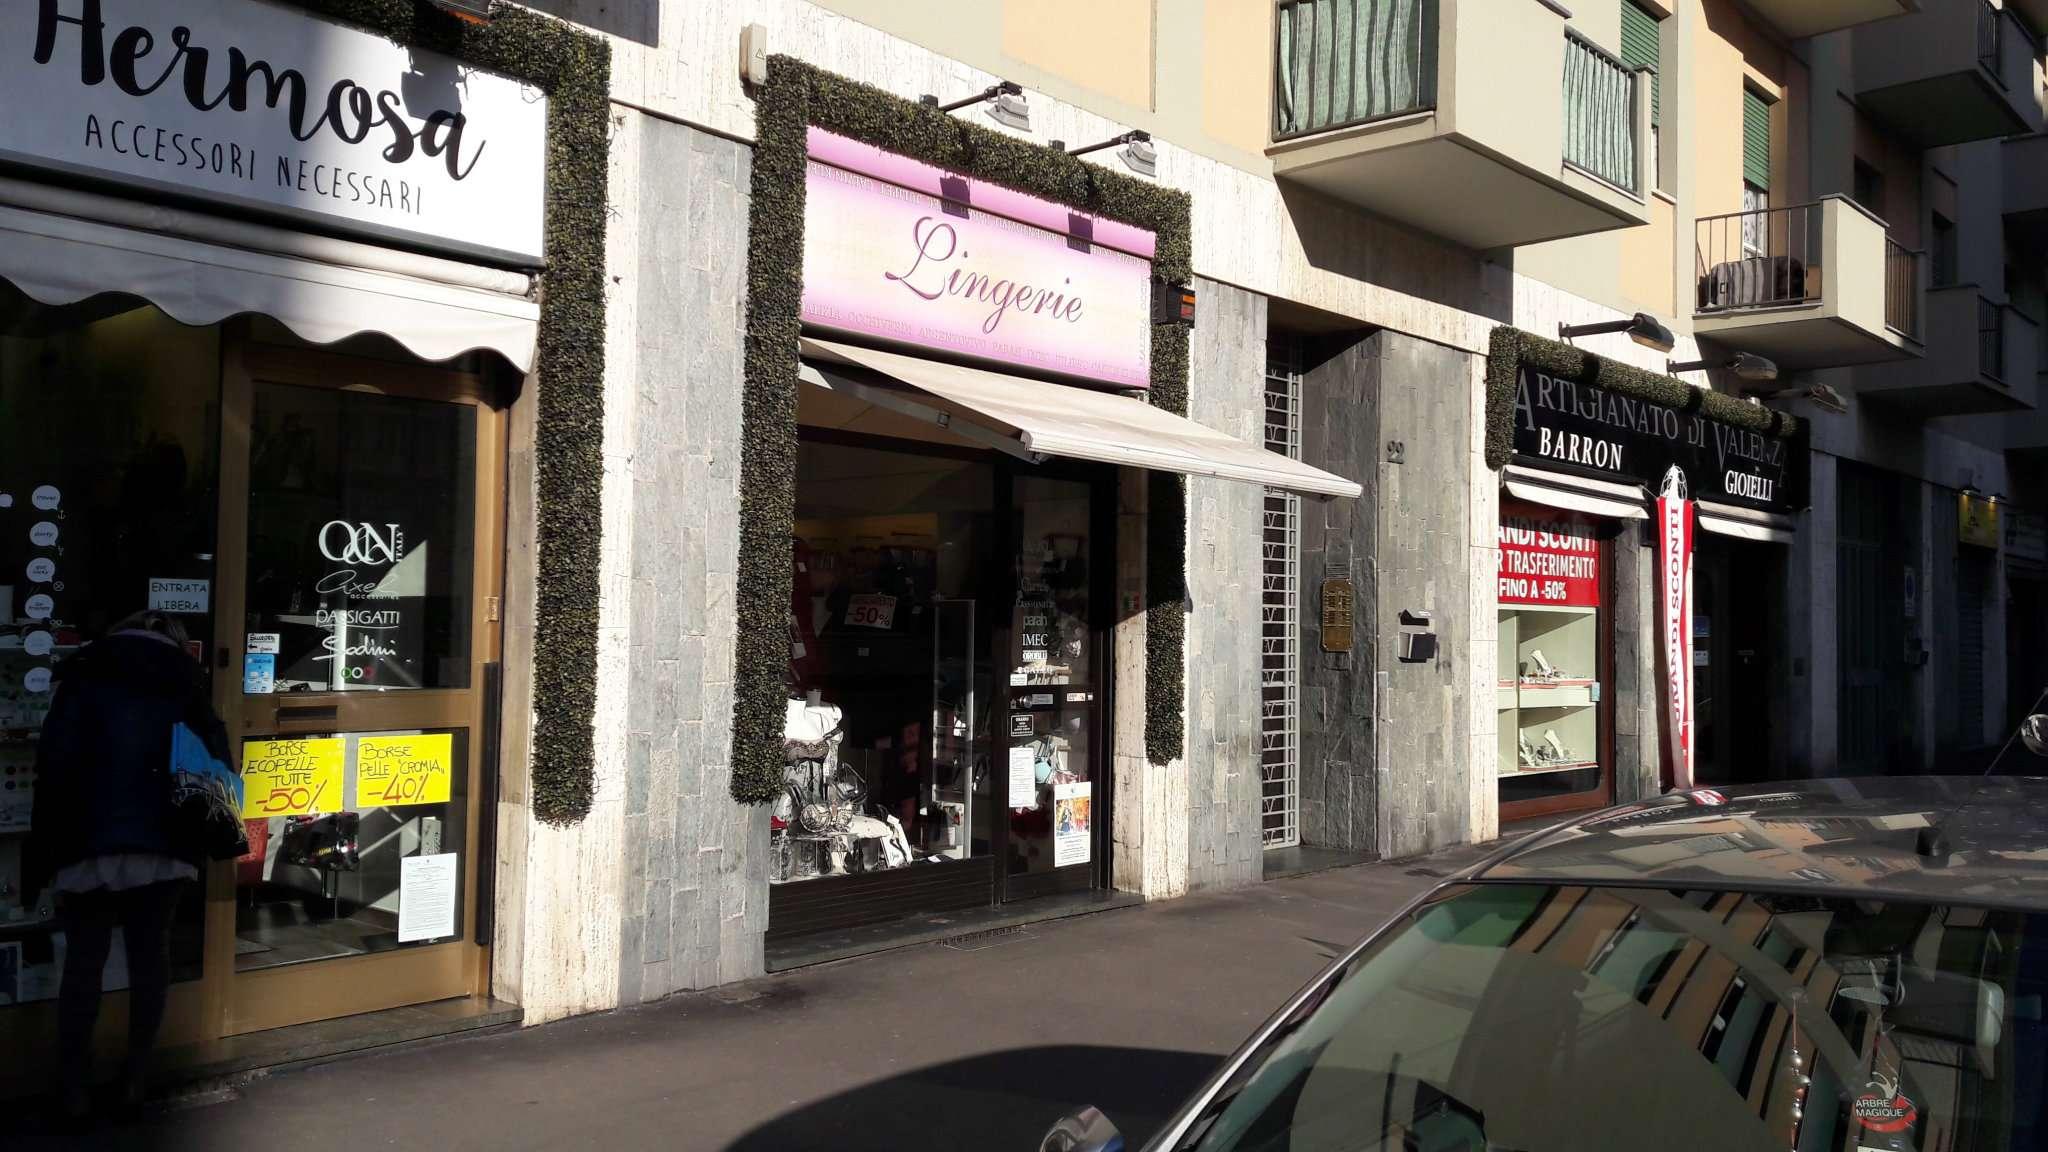 Negozio Per Cake Design Torino : Negozio Animali Torino negozio animali torino ...